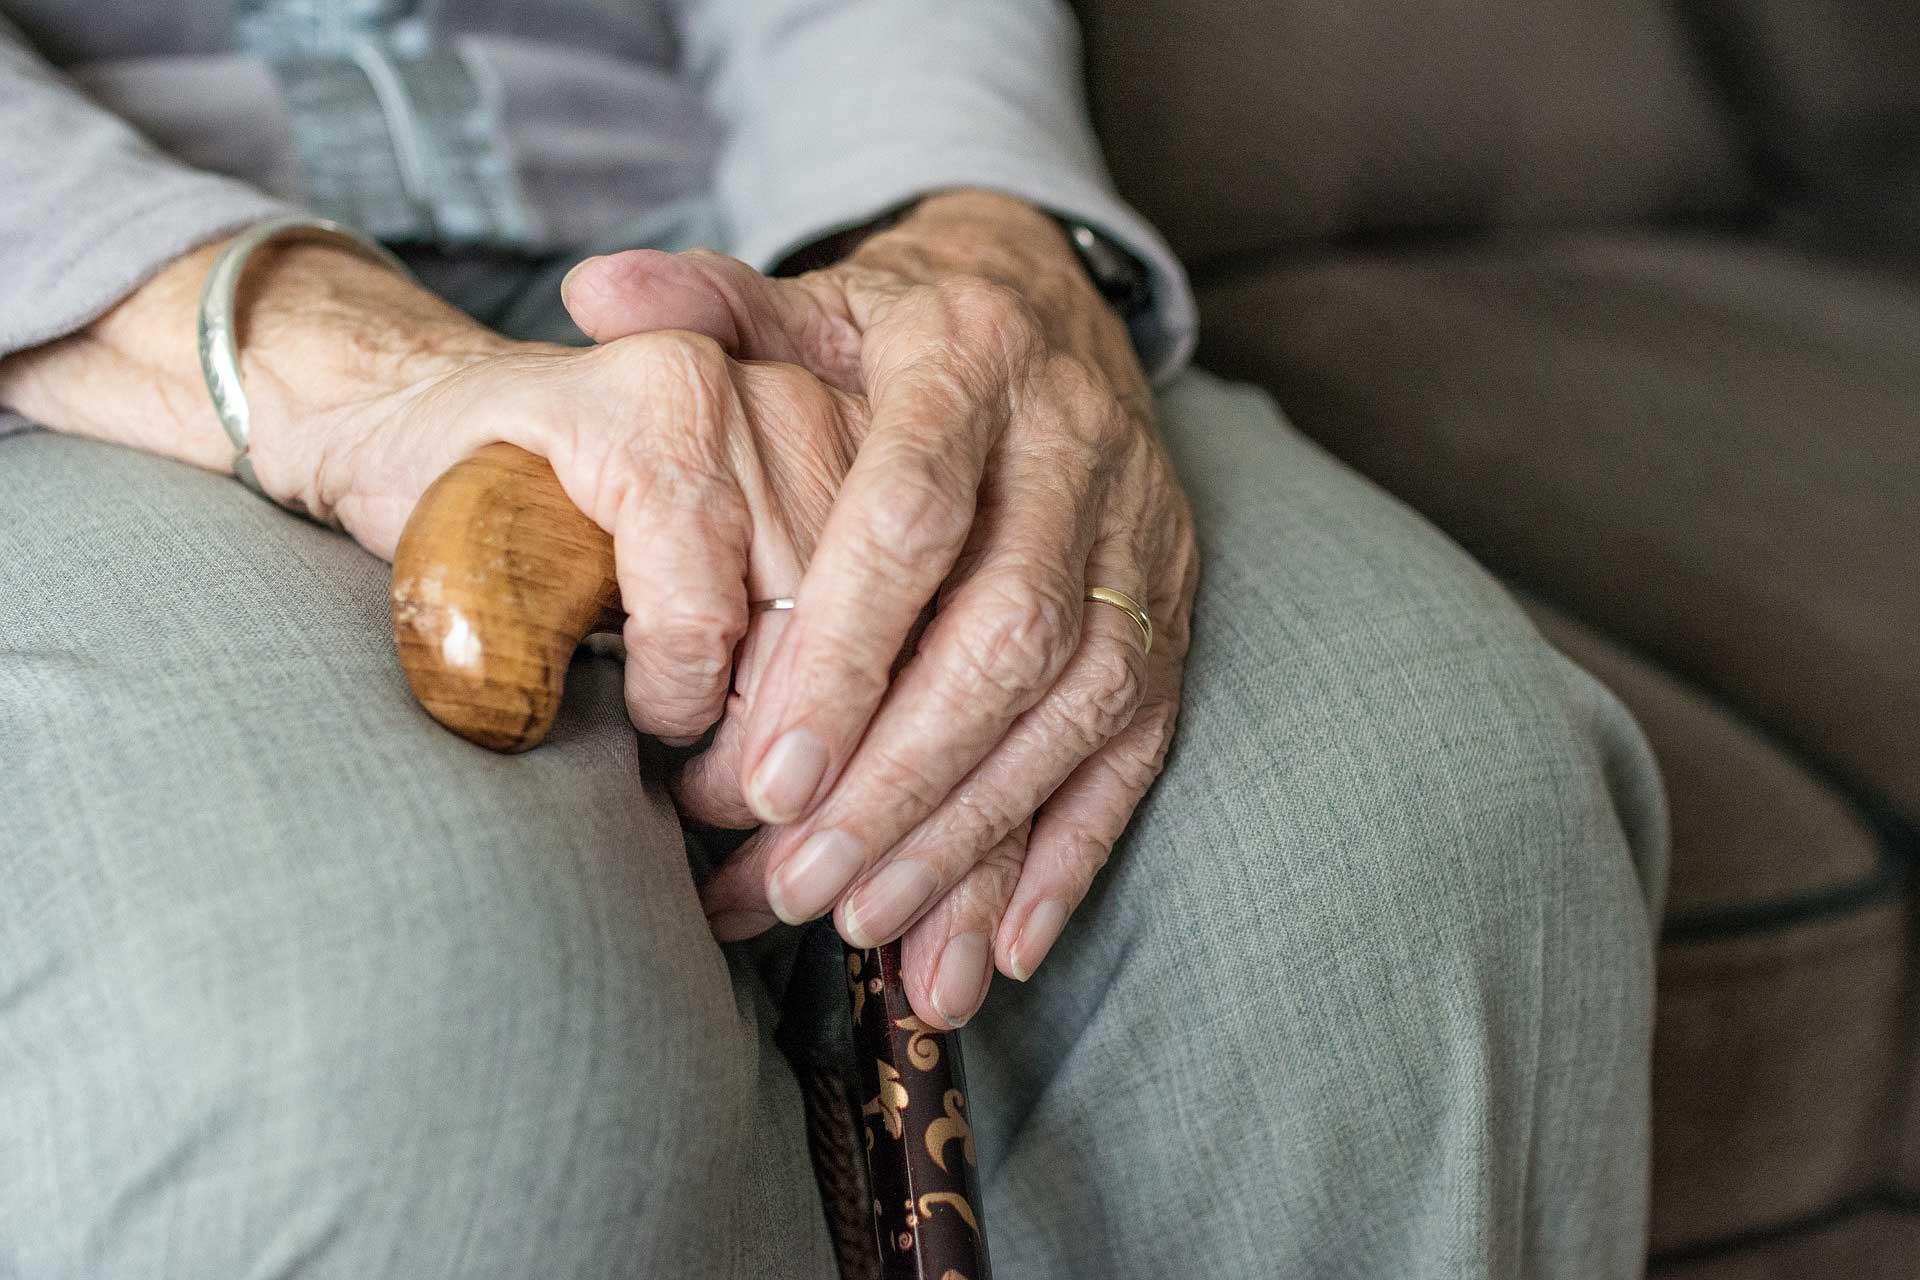 Pedido de prioridade de tramitação processual por idade deve ser feito pelo próprio idoso